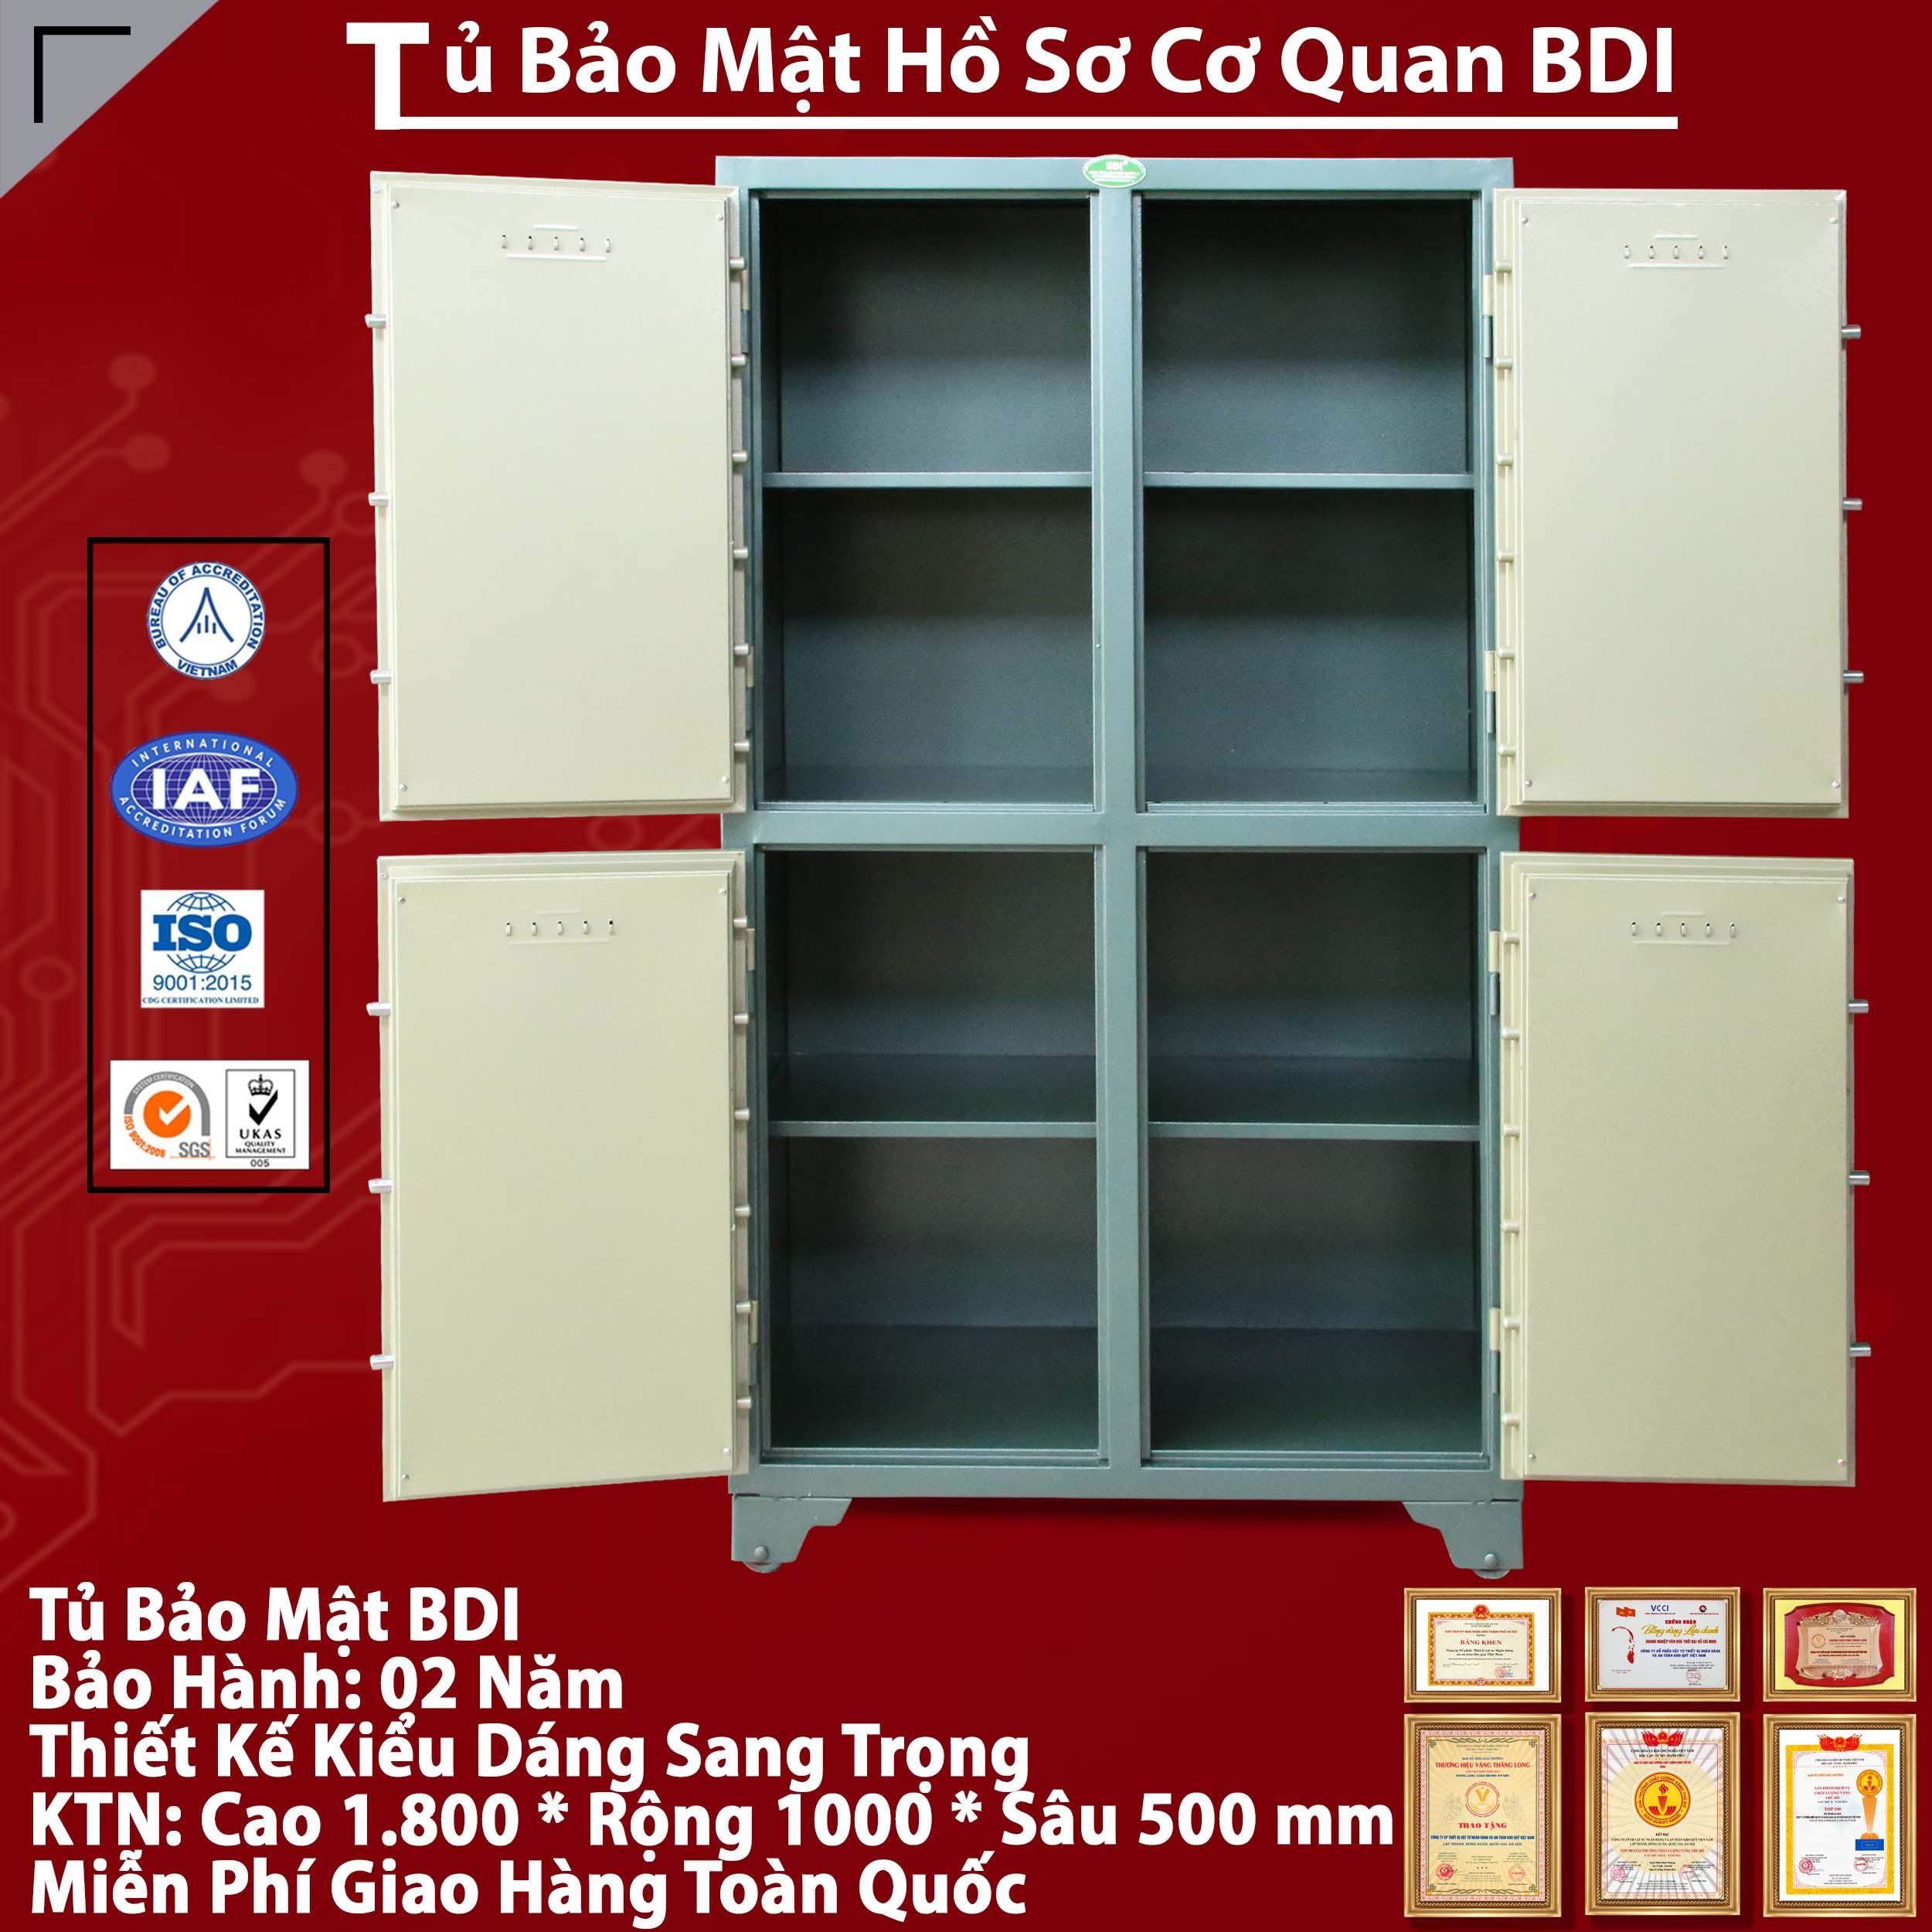 Tu Bao Mat 2 Canh Noi Cat Giu Tai Lieu Ho So An Toan